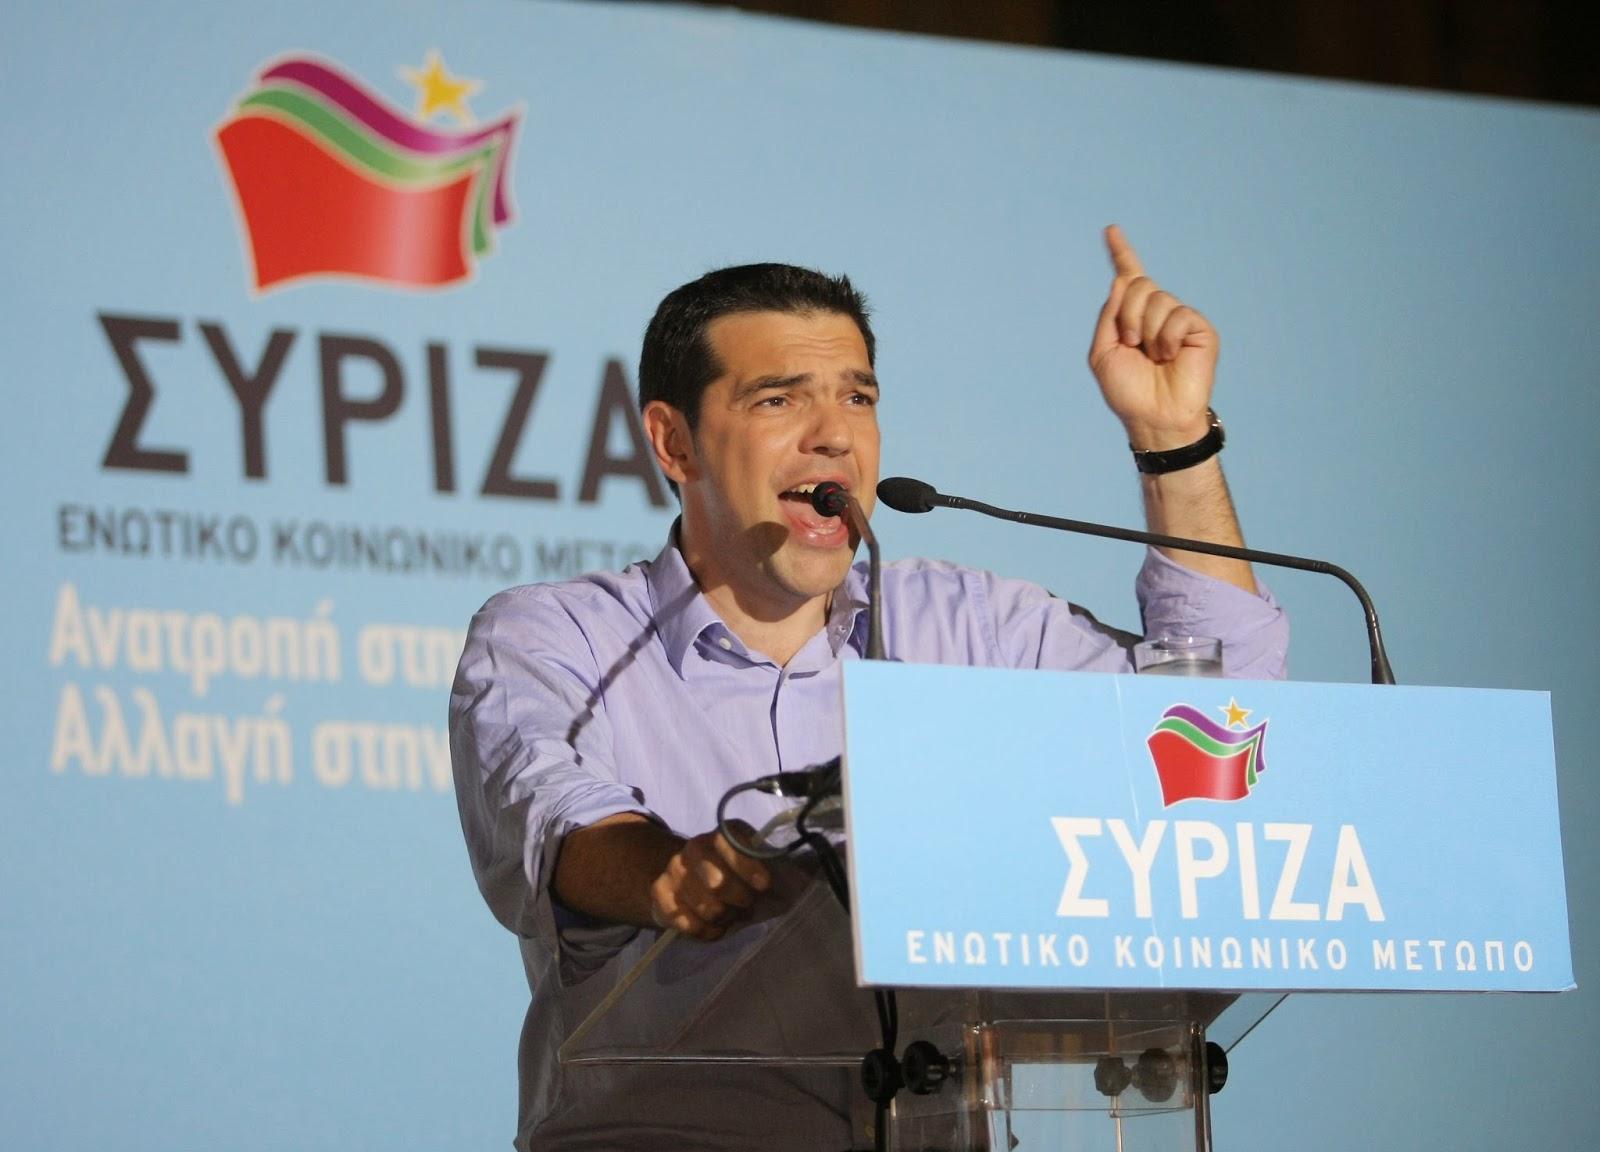 Ο ΣΥΡΙΖΑ καταθέτει πρόταση εξεταστικής για τα Μνημόνια